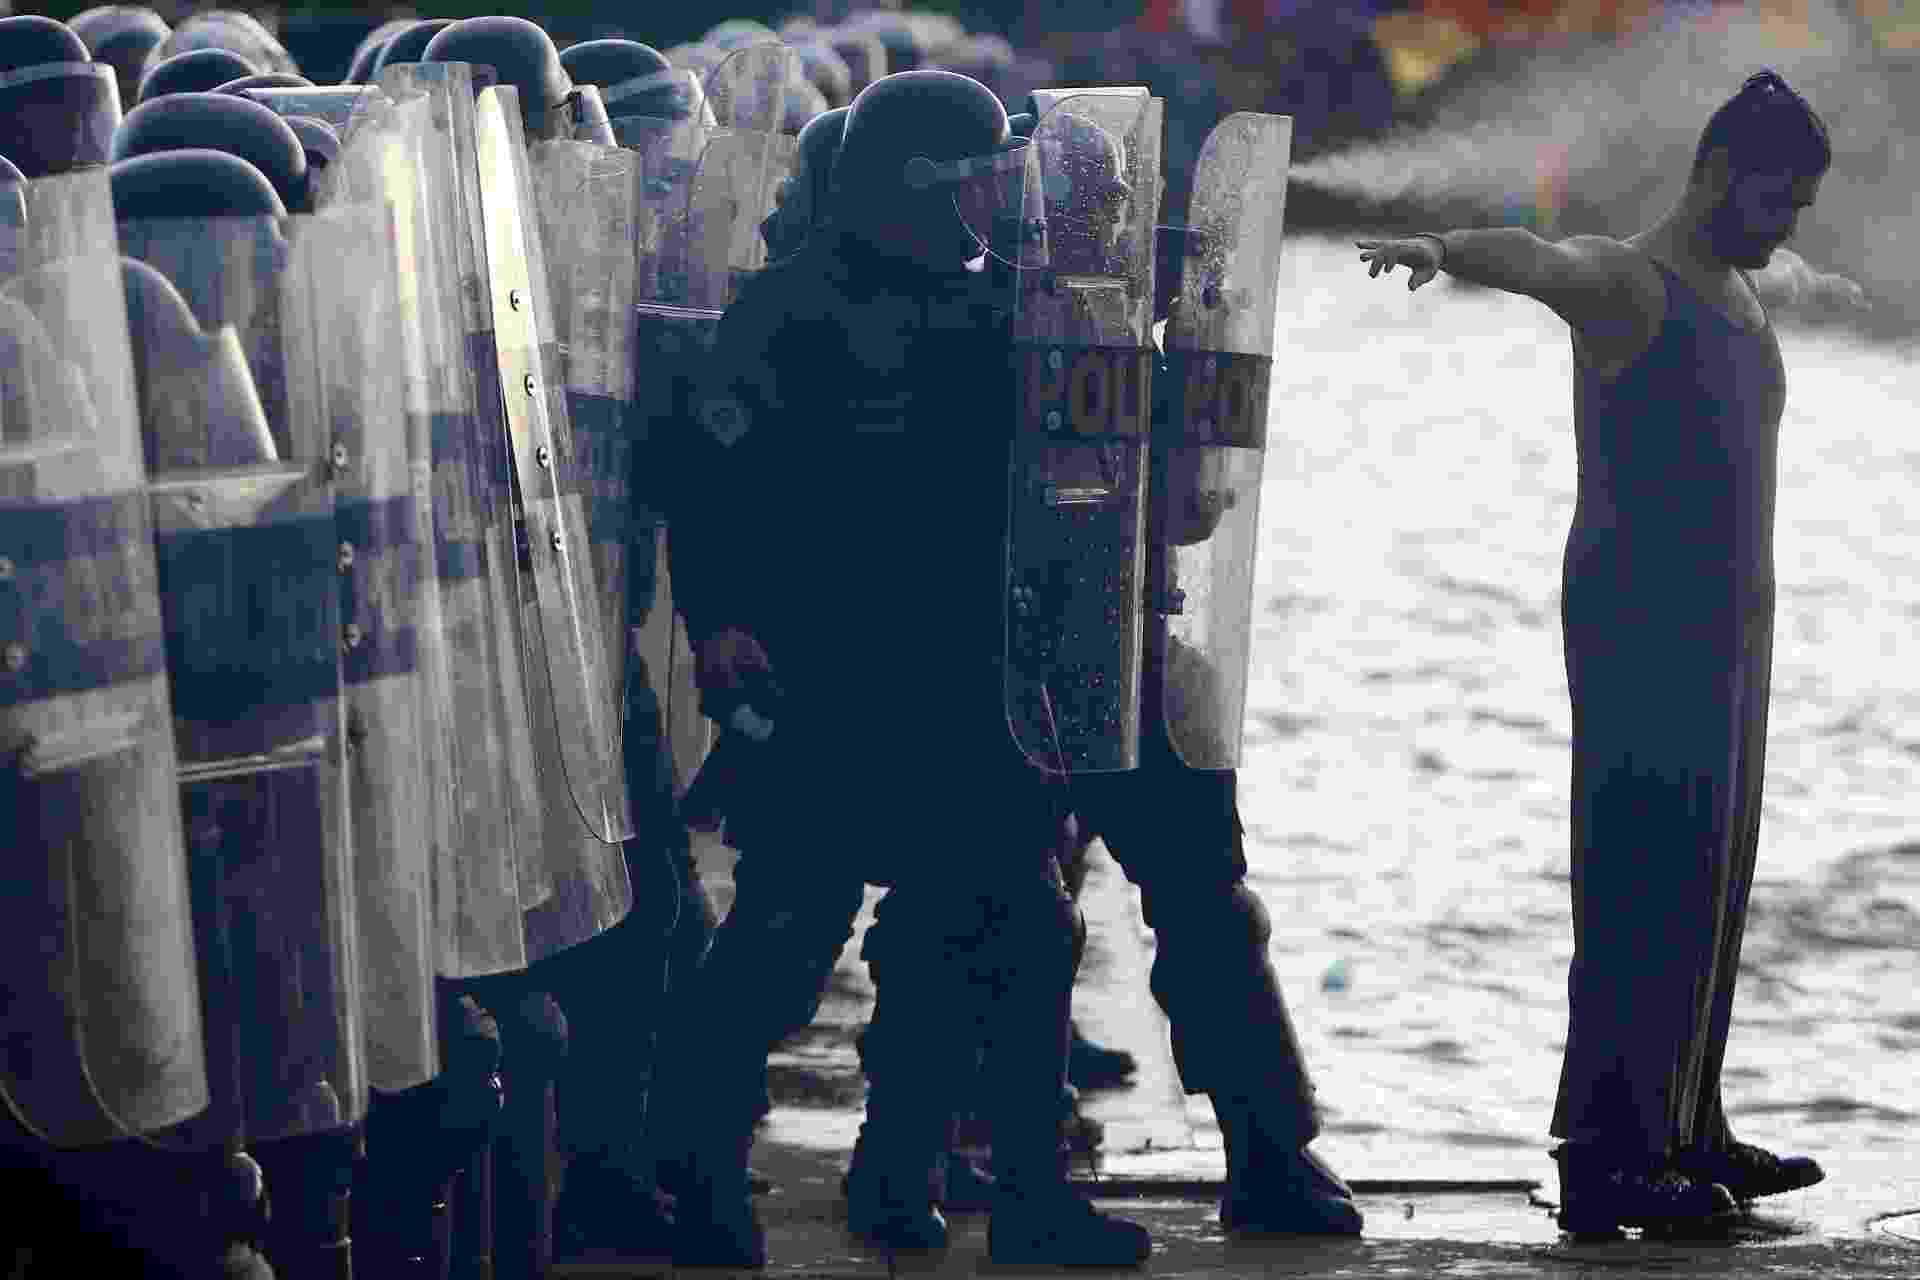 29.nov.2016 - Cerca de 10 mil pessoas participaram de uma manifestação contra a aprovação da PEC (Proposta de Emenda à Constituição) do Teto de Gastos que terminou em confusão e detenções. A polícia chegou a lançar bombas de efeito moral em direção aos manifestantes - Adriano Machado/Reuters